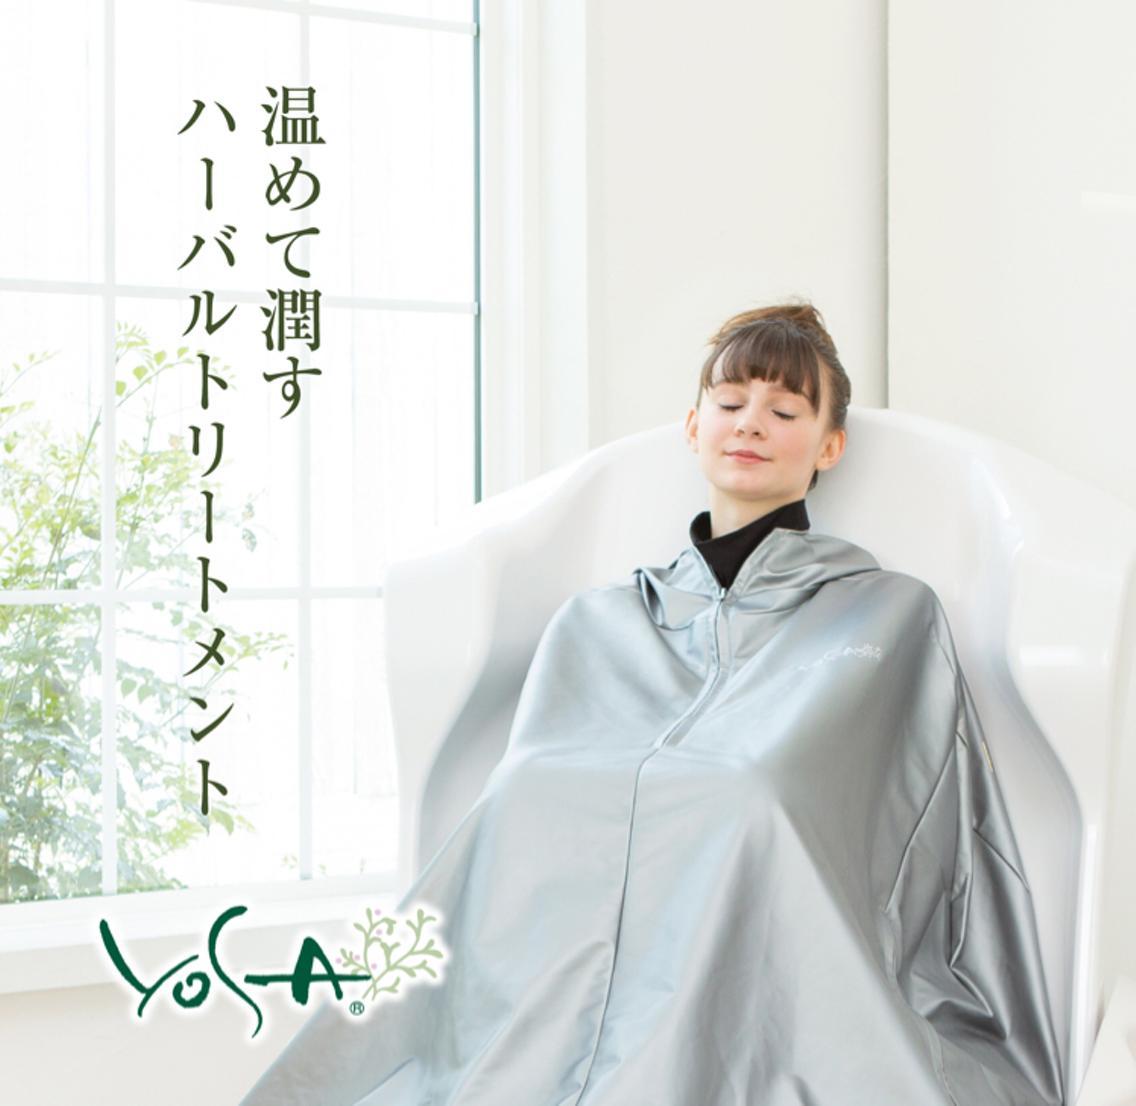 YOSAPARK香~かおり~所属・YOSAPARK香~かおり~の掲載